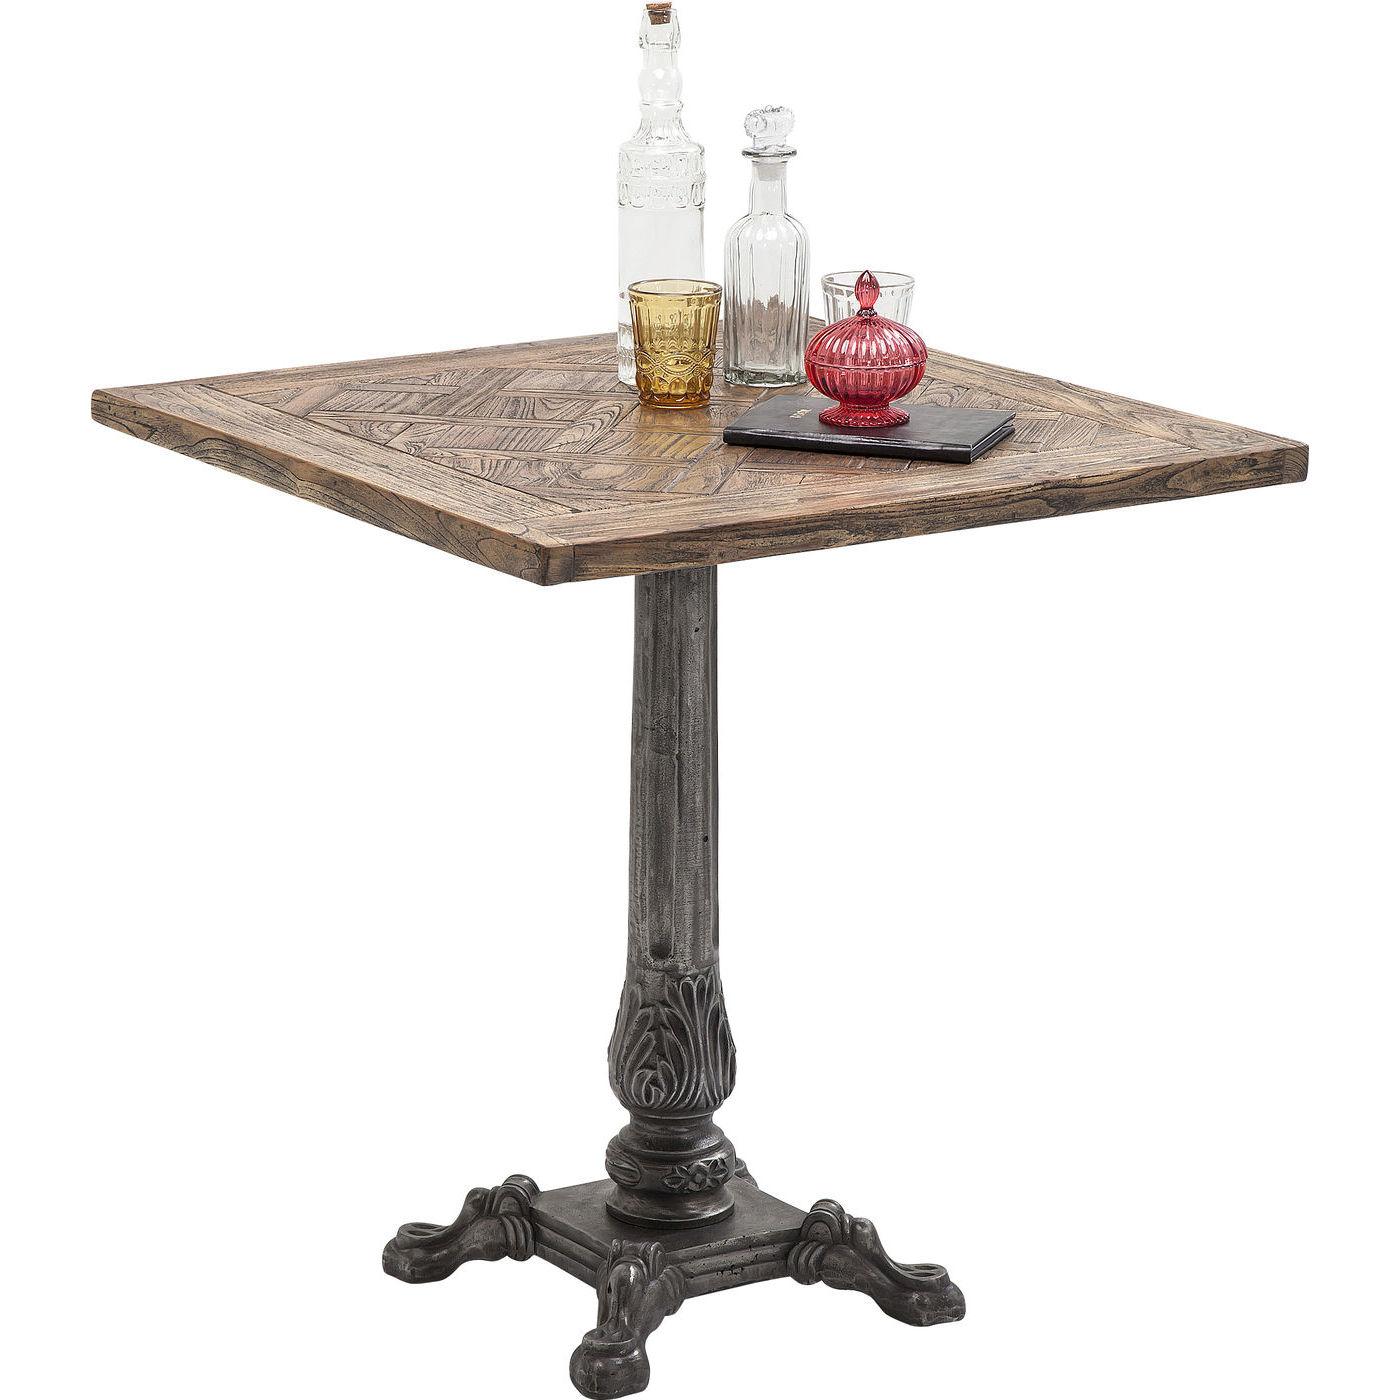 Tisch bistrotisch holztisch esstisch quadratisch 70x70 for Esstisch 70x70